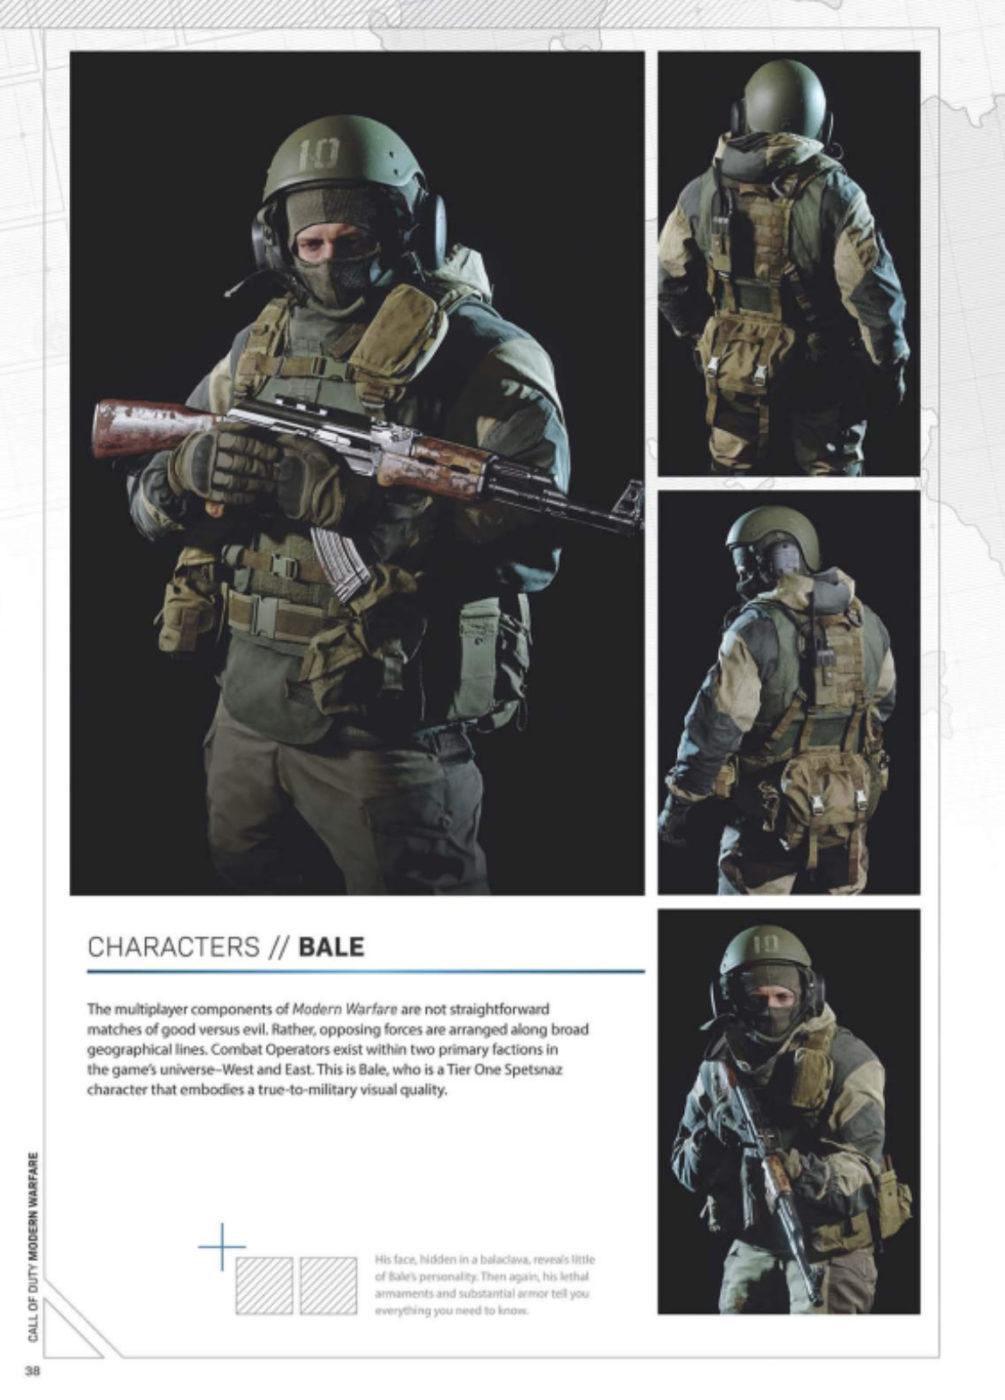 Call of Duty: Modern Warfare Bale